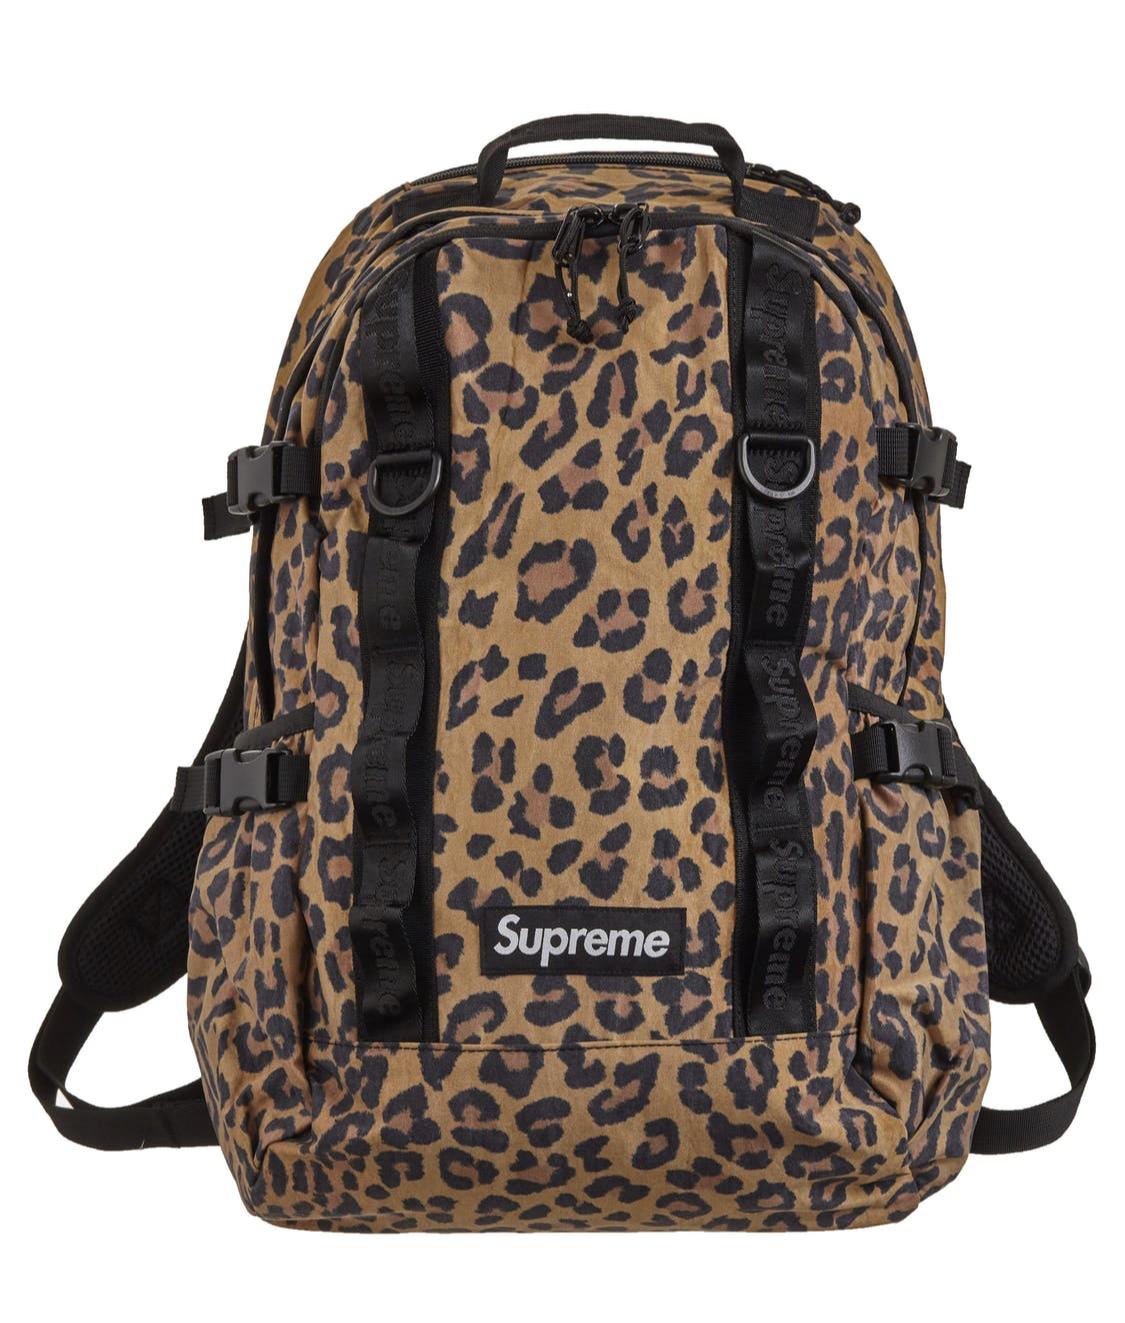 Supreme Backpack Leopard Print